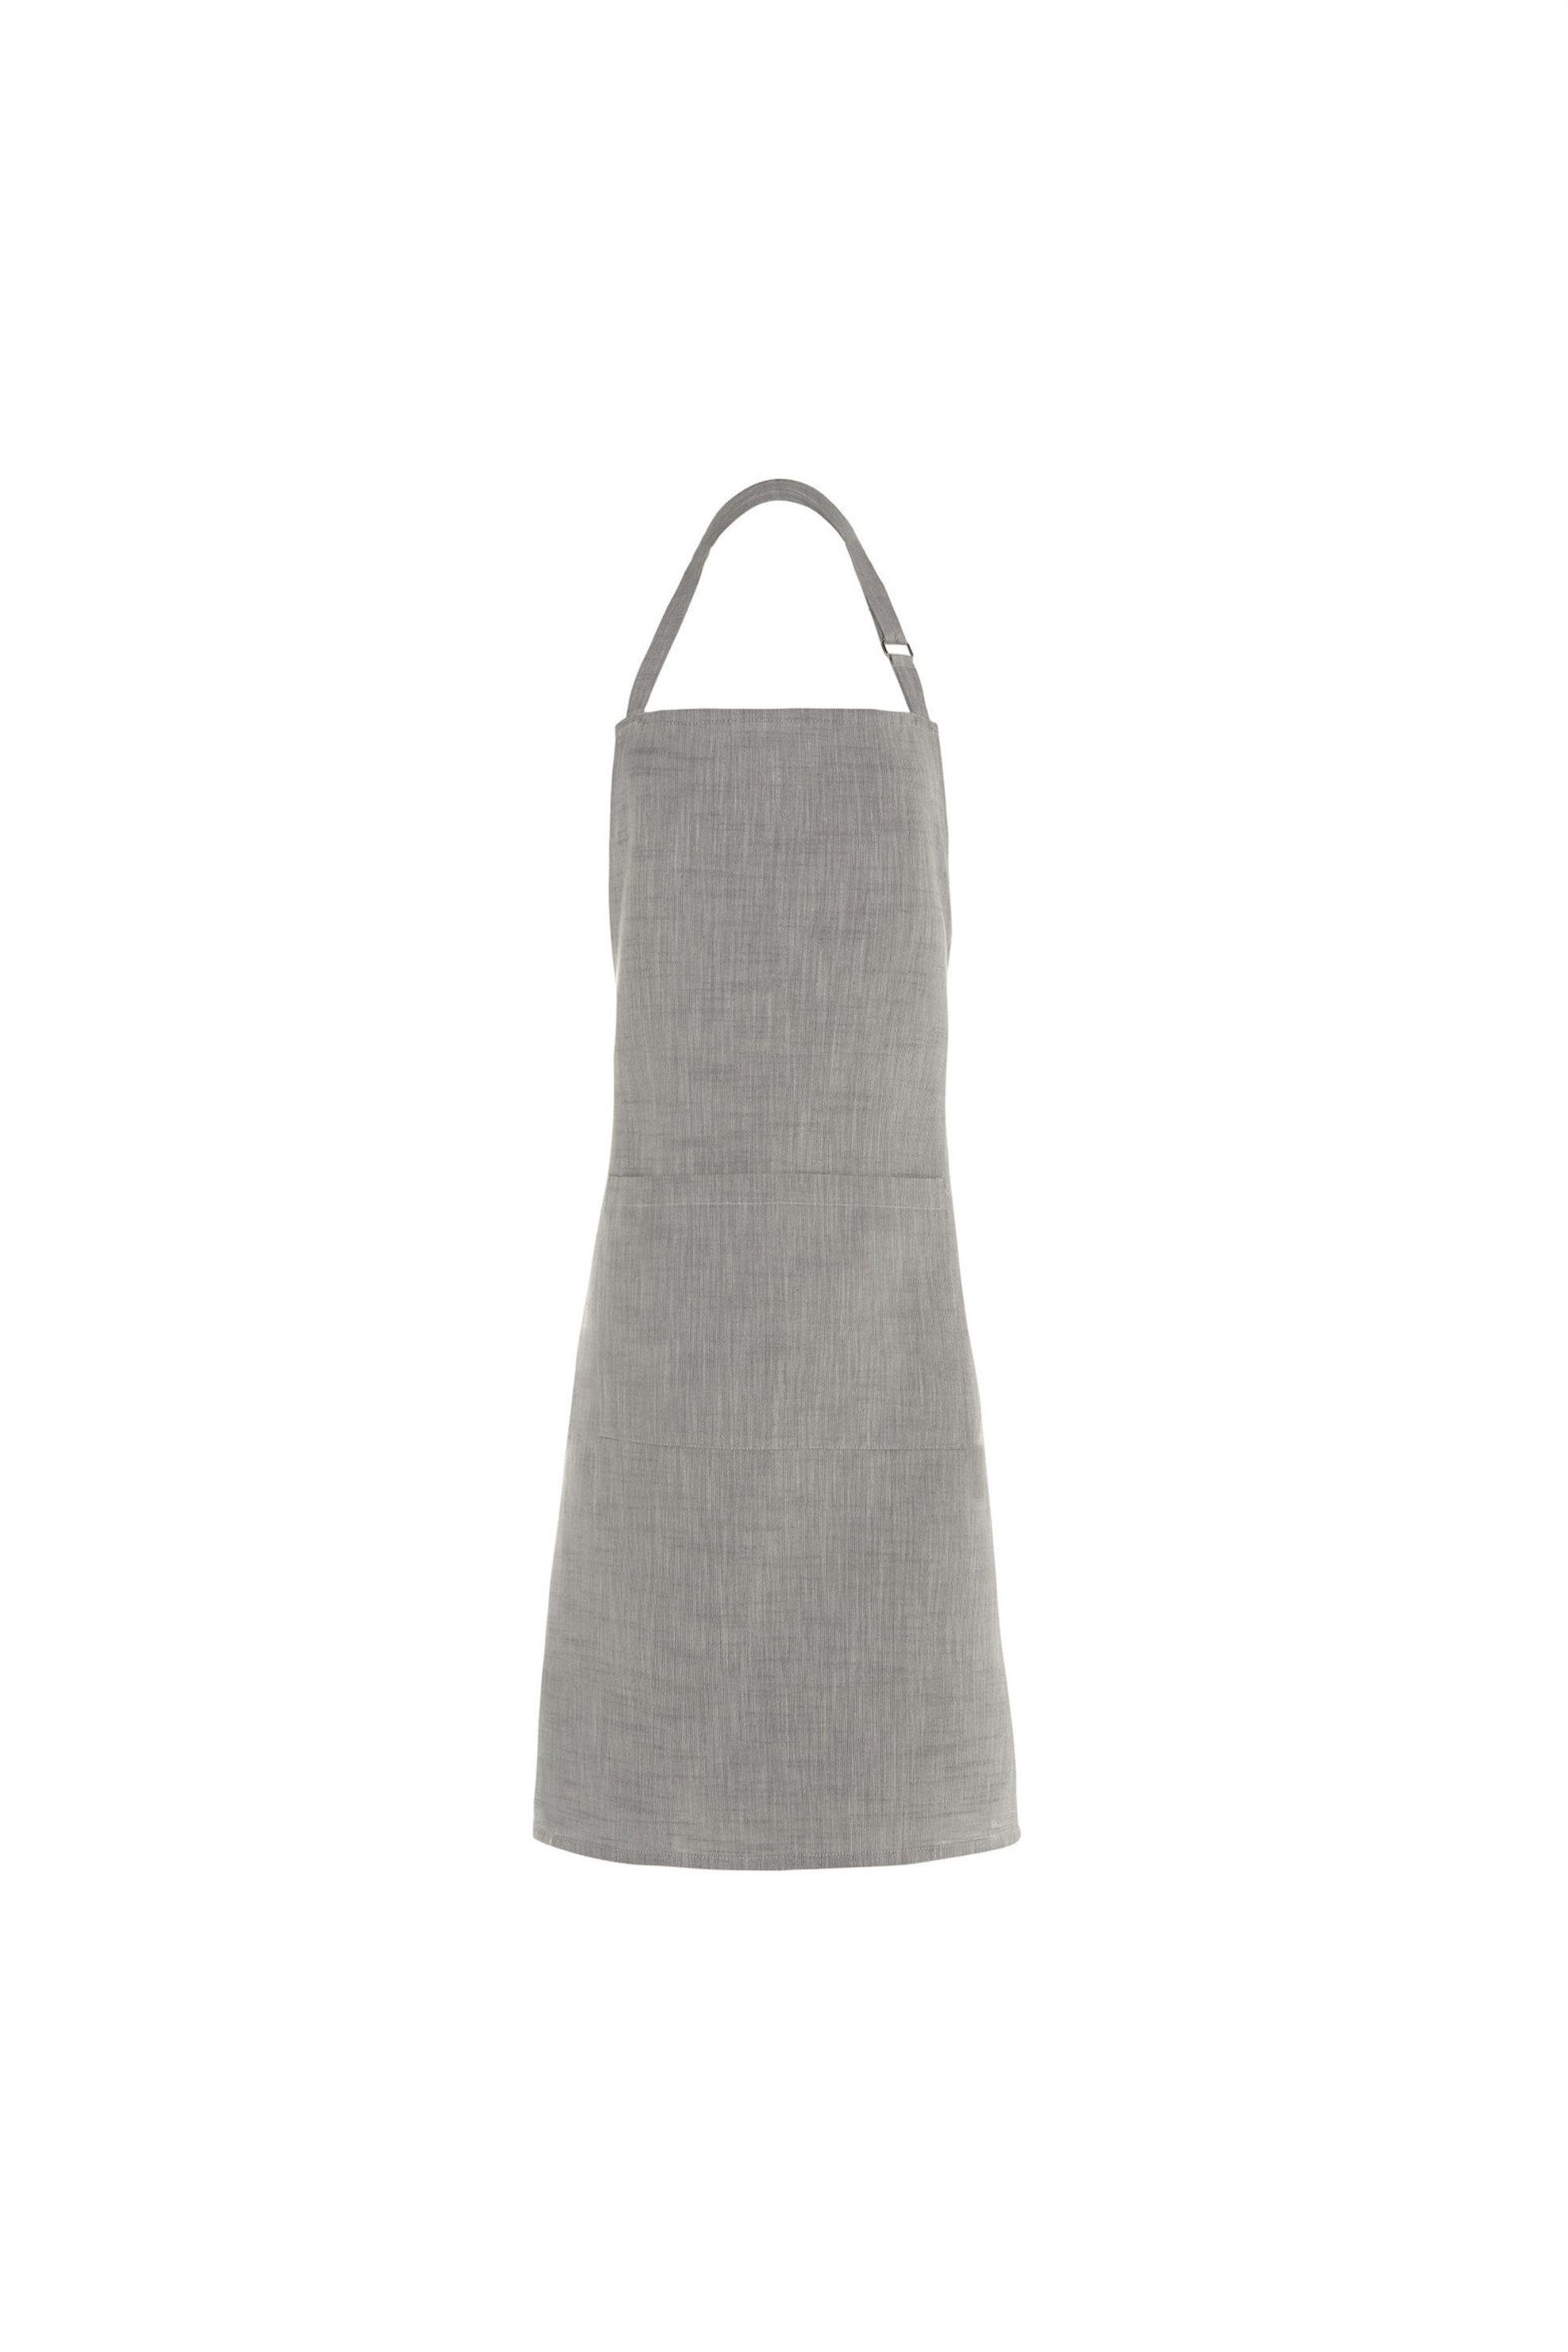 Ποδιά κουζίνας μονόχρωμη Coincasa - 000495325 - Γκρι home   κουζινα   ποδιές κουζίνας